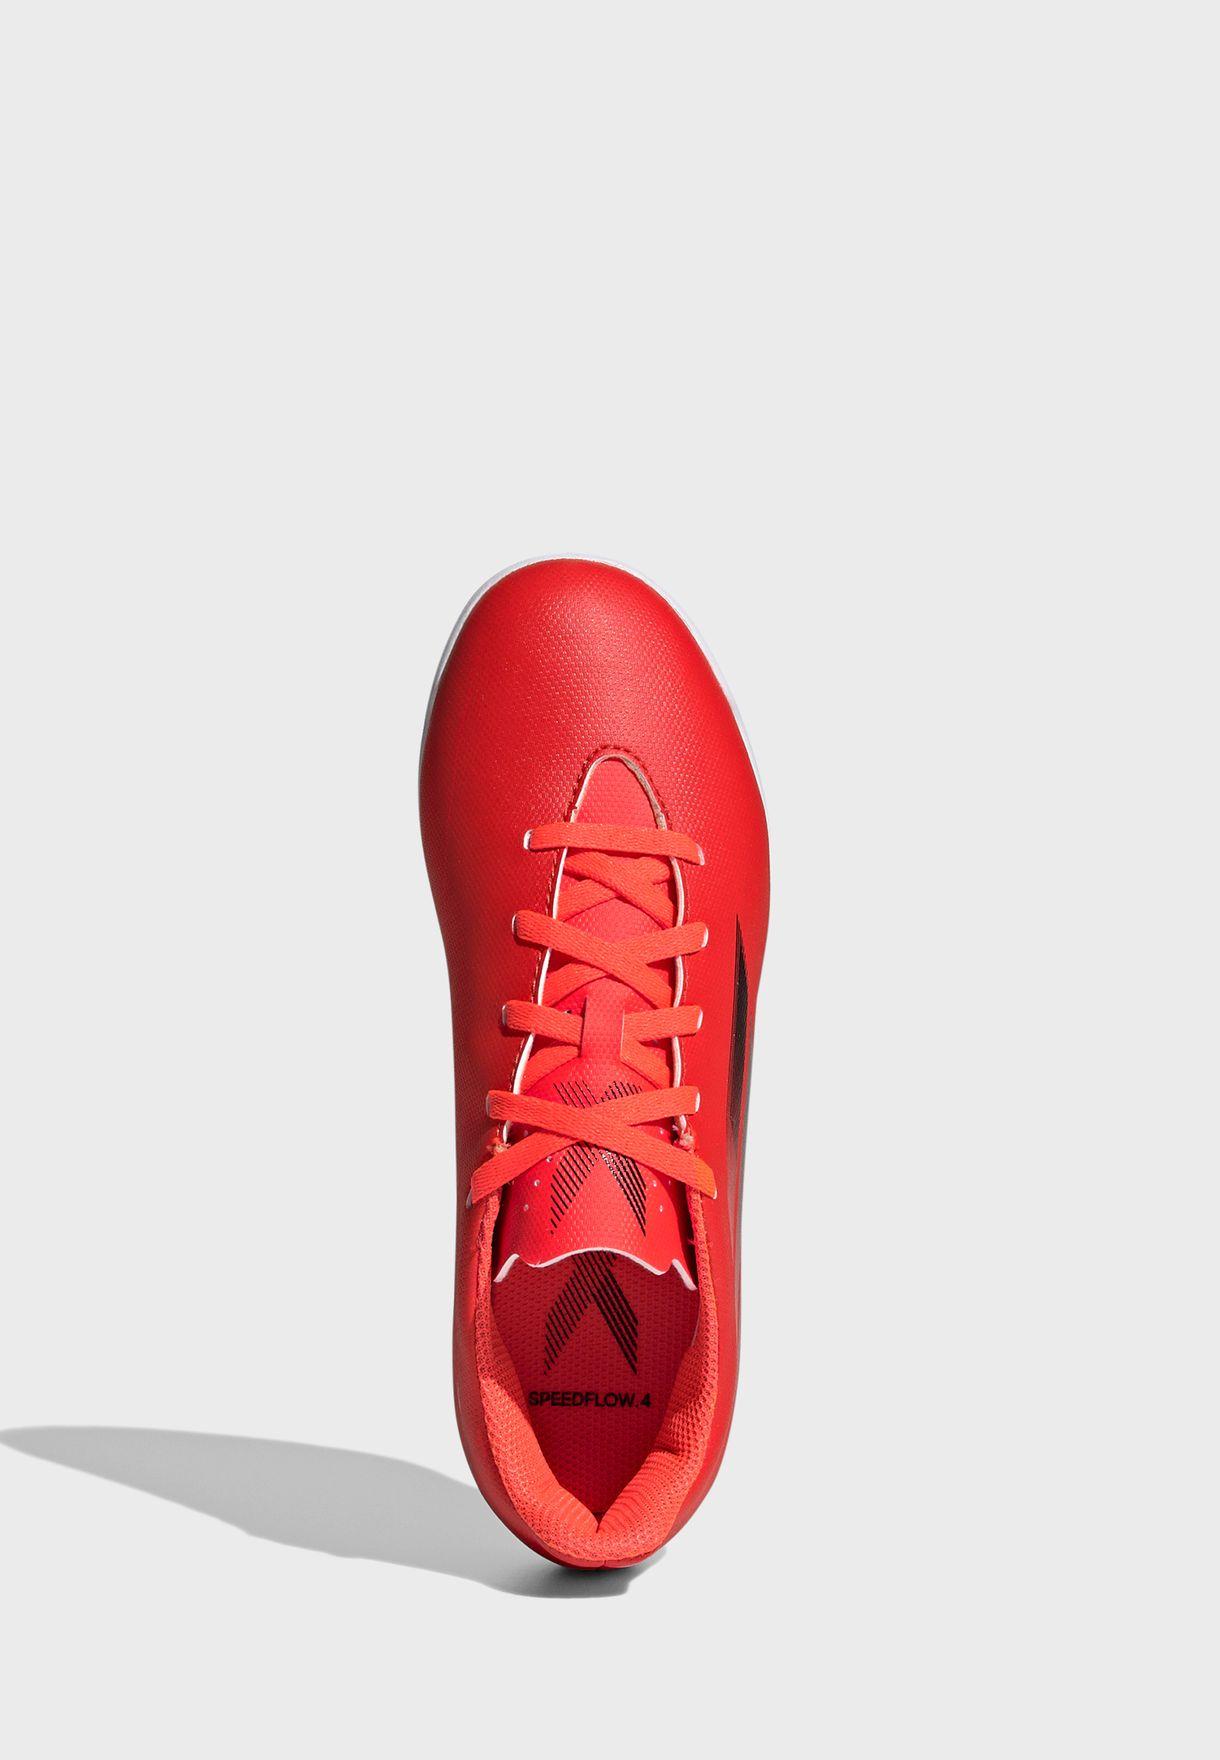 حذاء يوث X سبيد فلو 4 داخلي